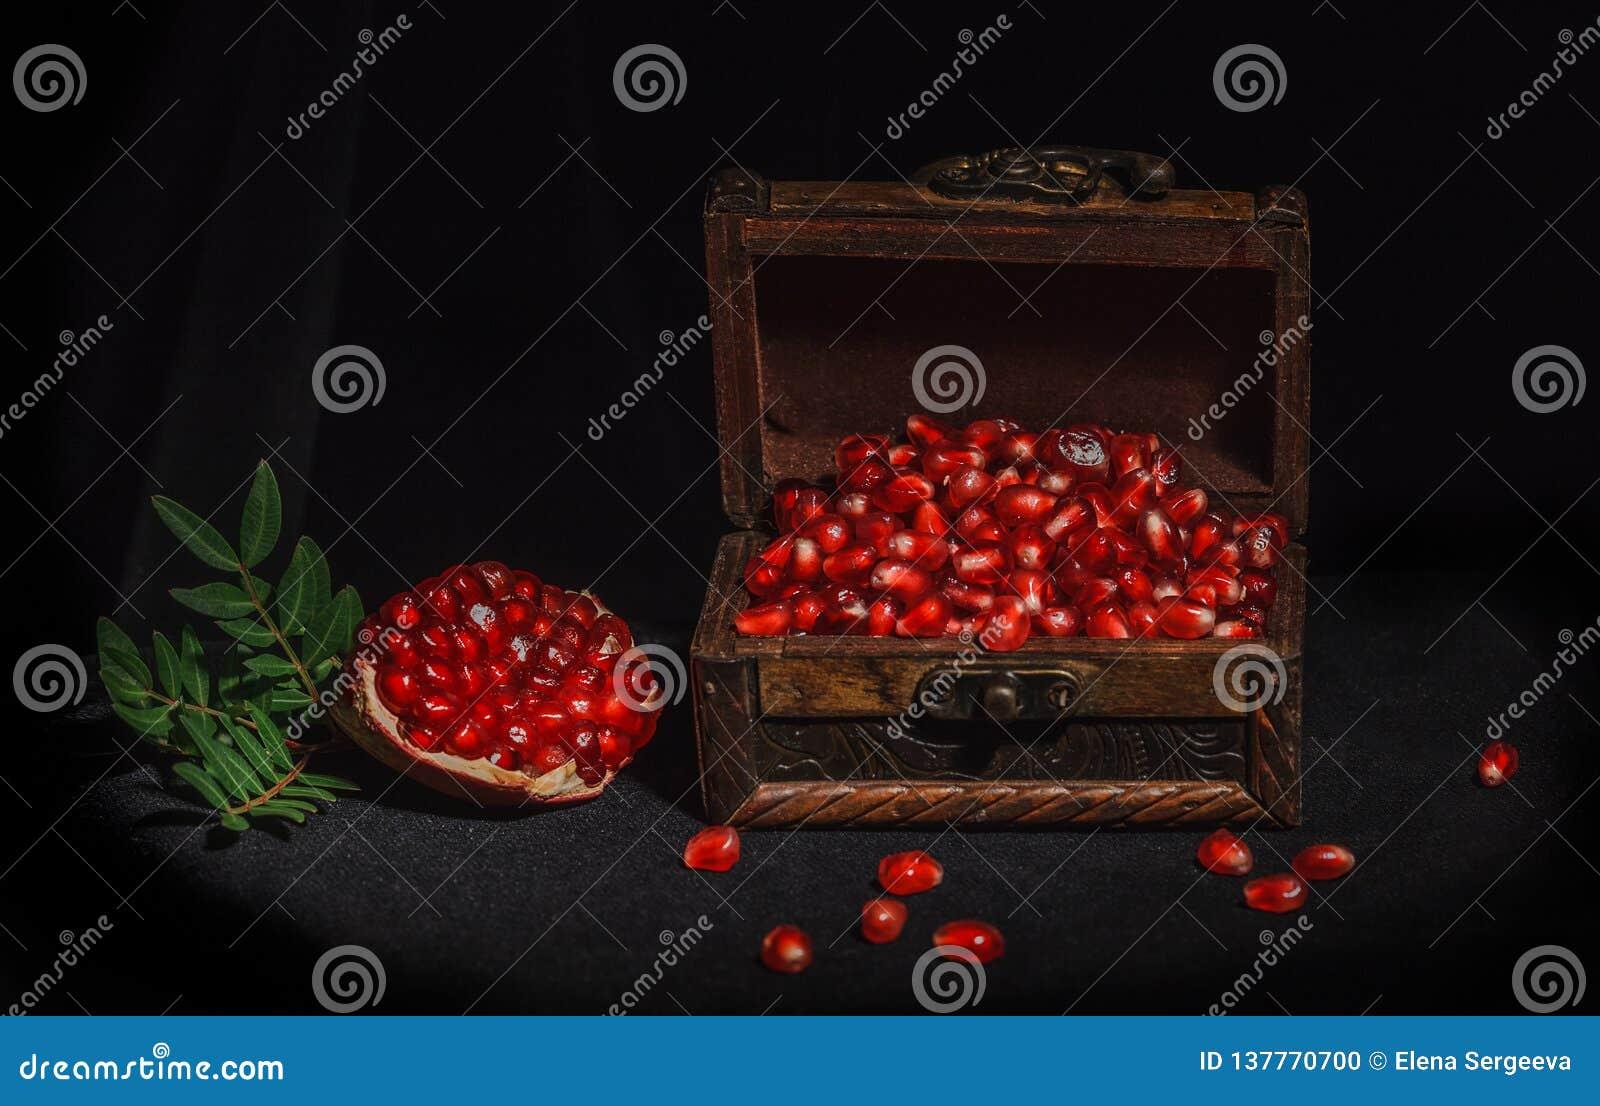 Granatapfel auf einem dunklen Hintergrund